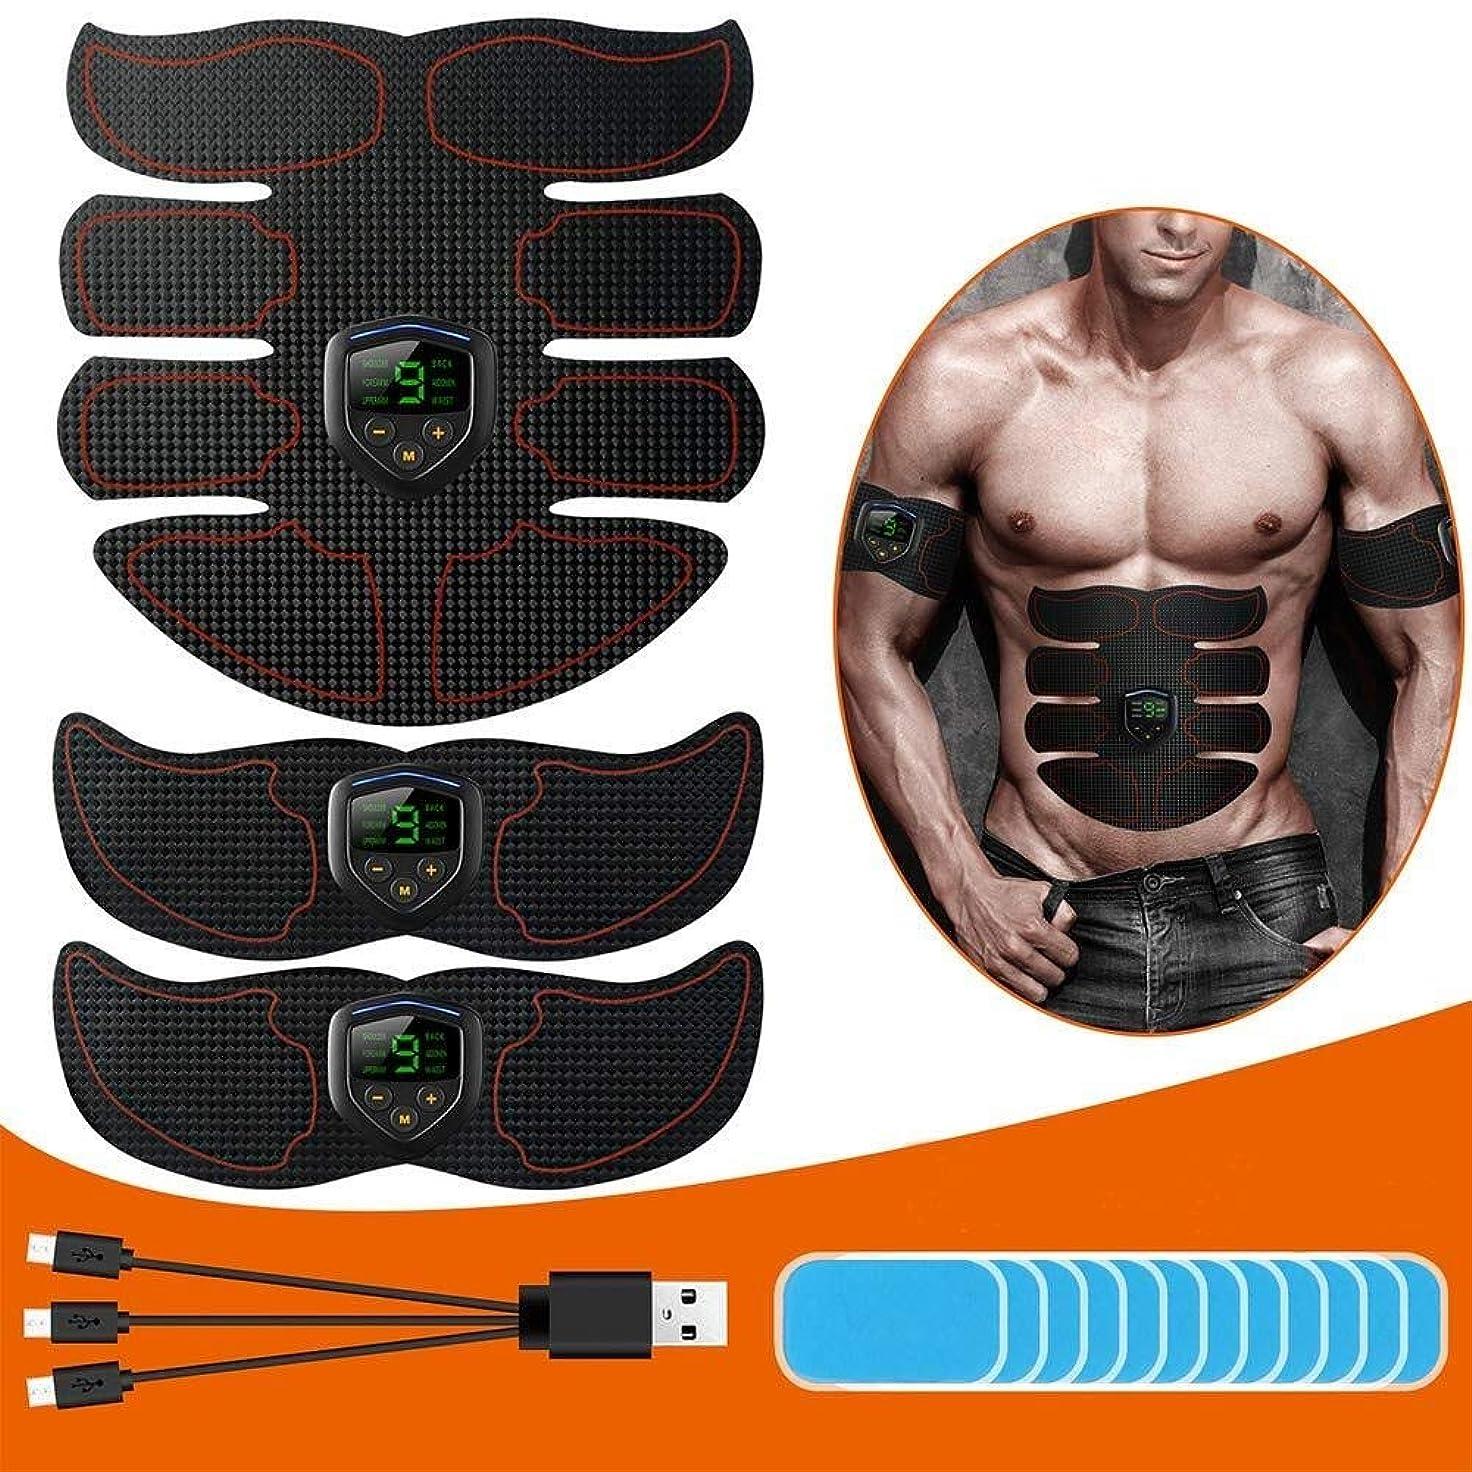 労苦集計なぜなら筋肉刺激装置 ABSトレーナー EMSマッスルトナー、 Ab インテリジェント トーニングベルト、 USB充電 液晶ディスプレイ、 腹部/腕/脚 筋肉 ジムの設備 にとって 女性と男性、 12個の交換用ゲルパッド